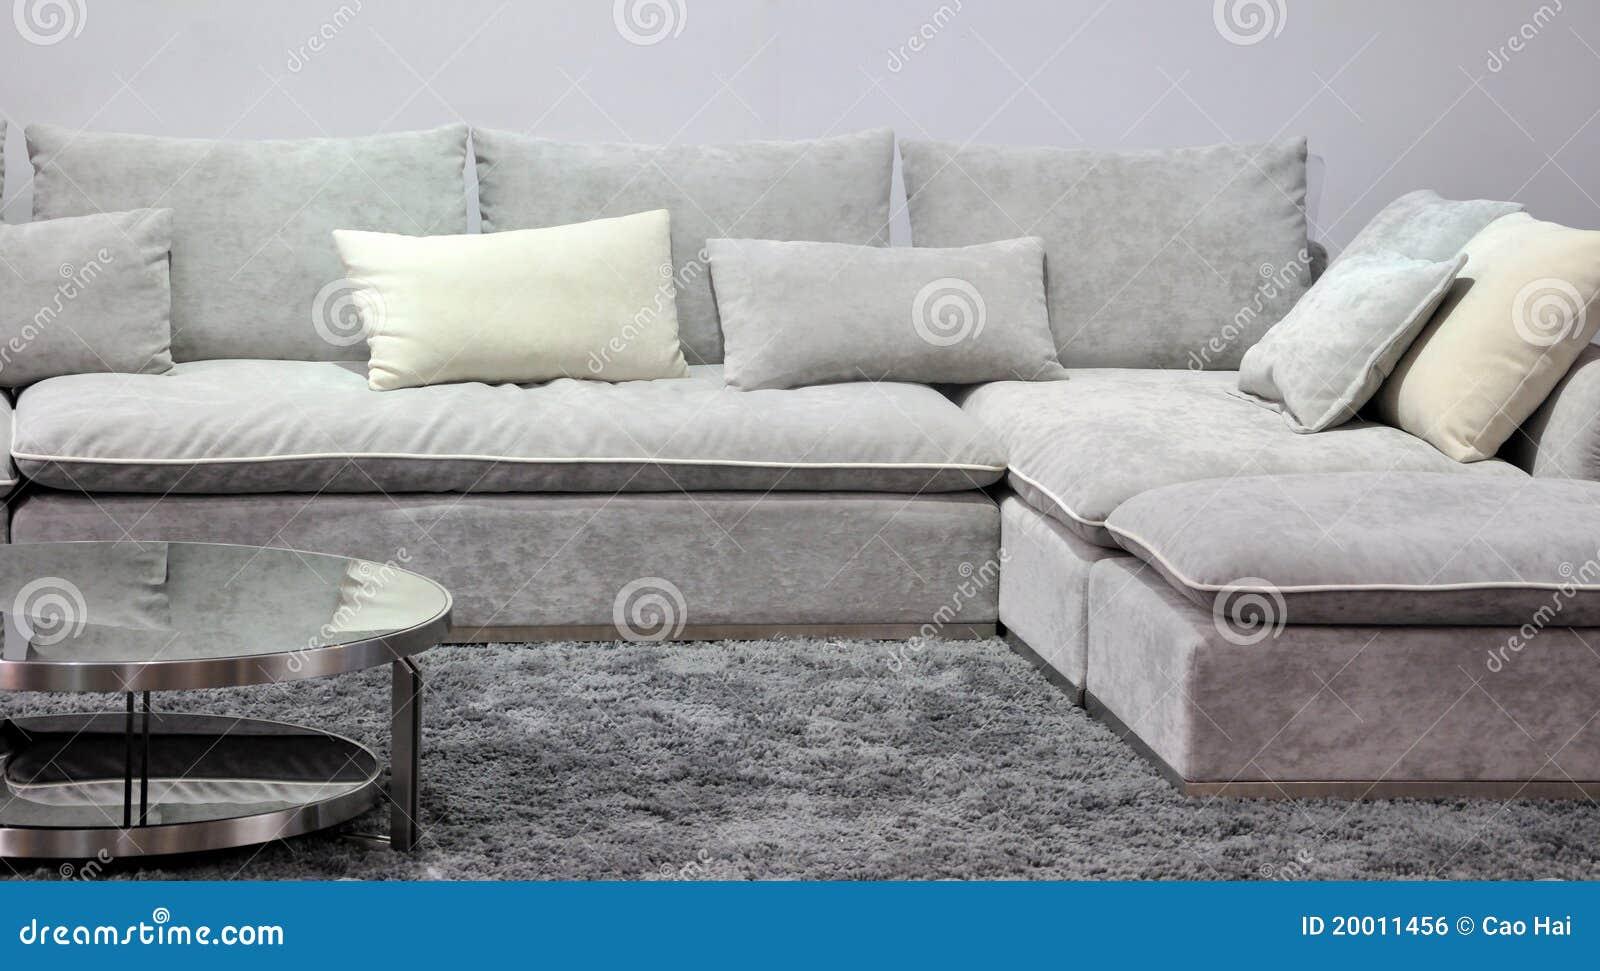 布料客廳沙發圖片